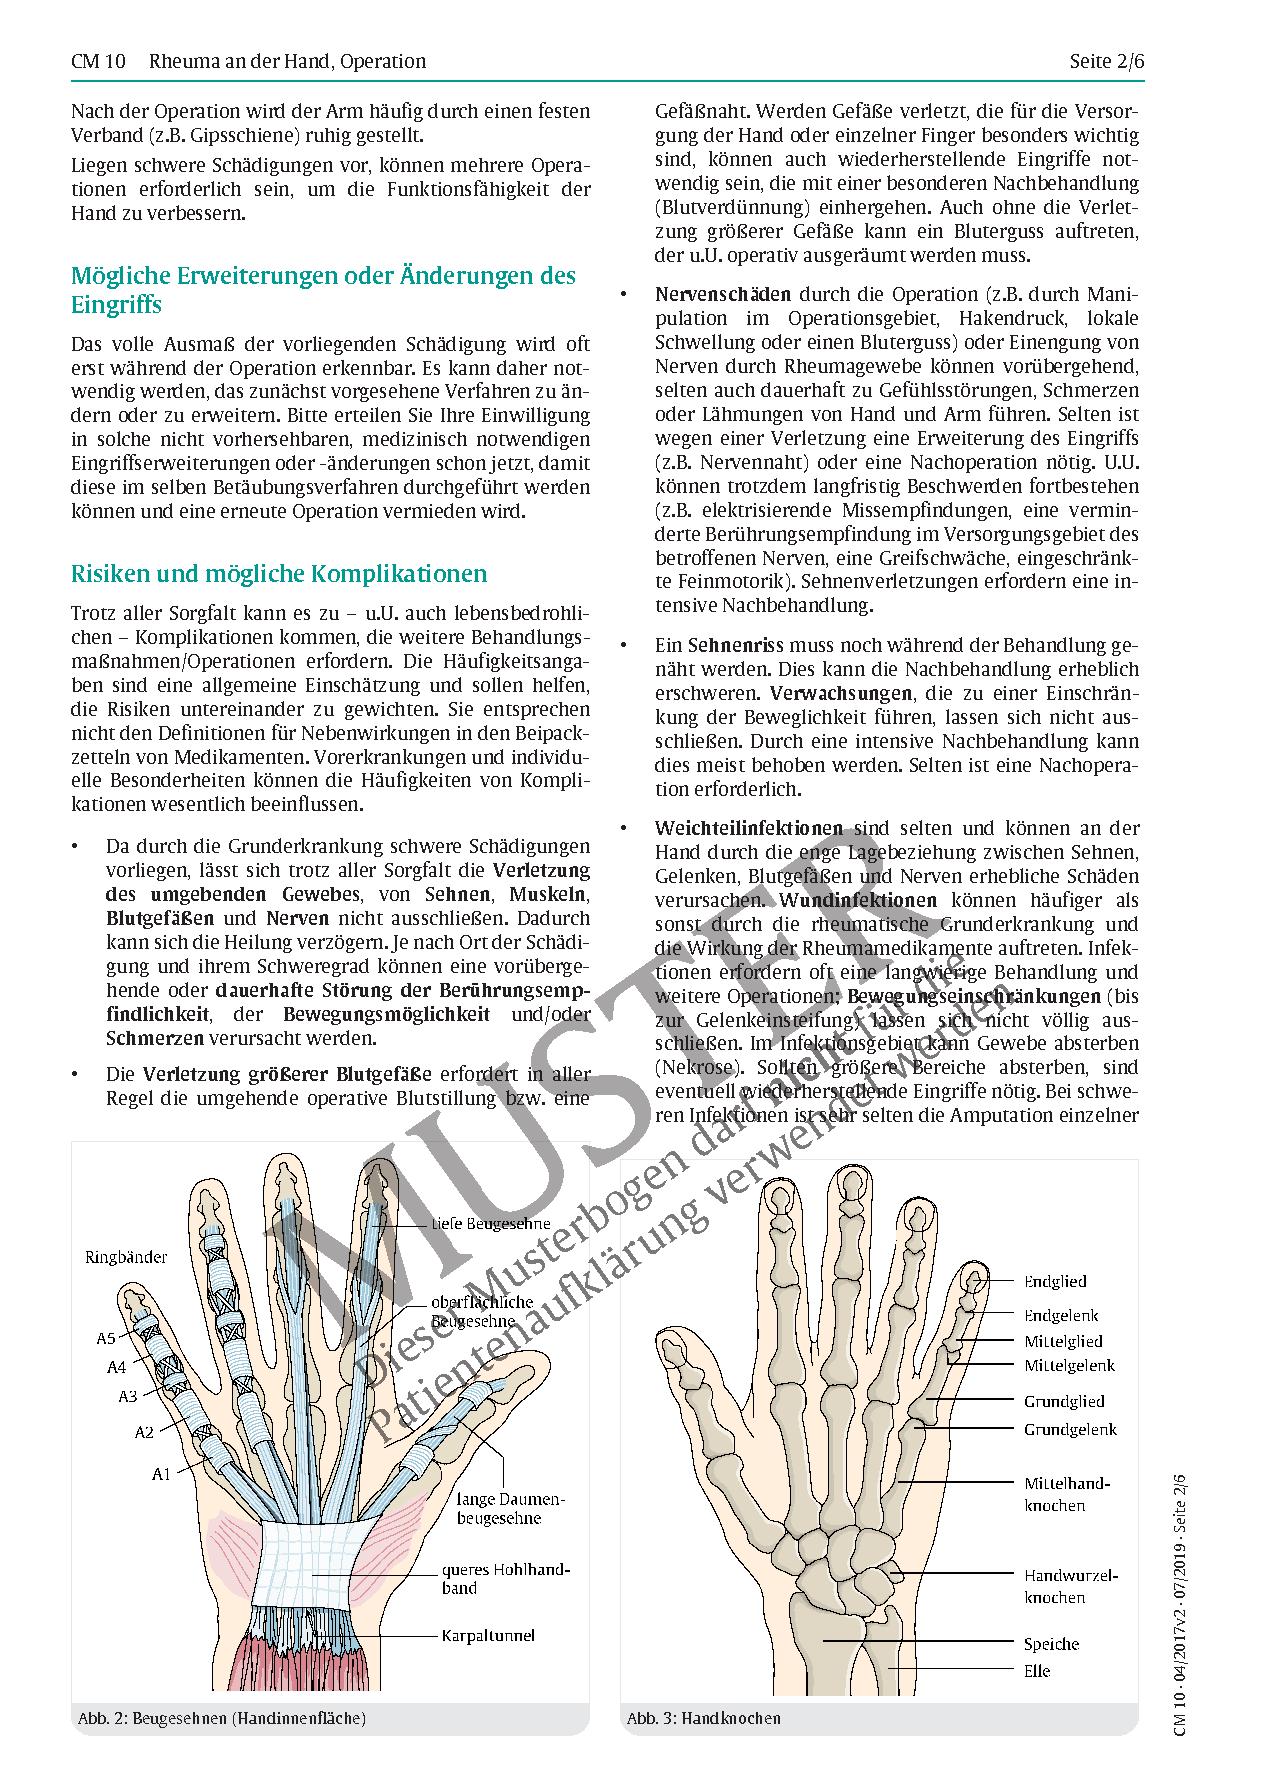 Fein Anatomie Daumen Sehnen Ideen - Menschliche Anatomie Bilder ...